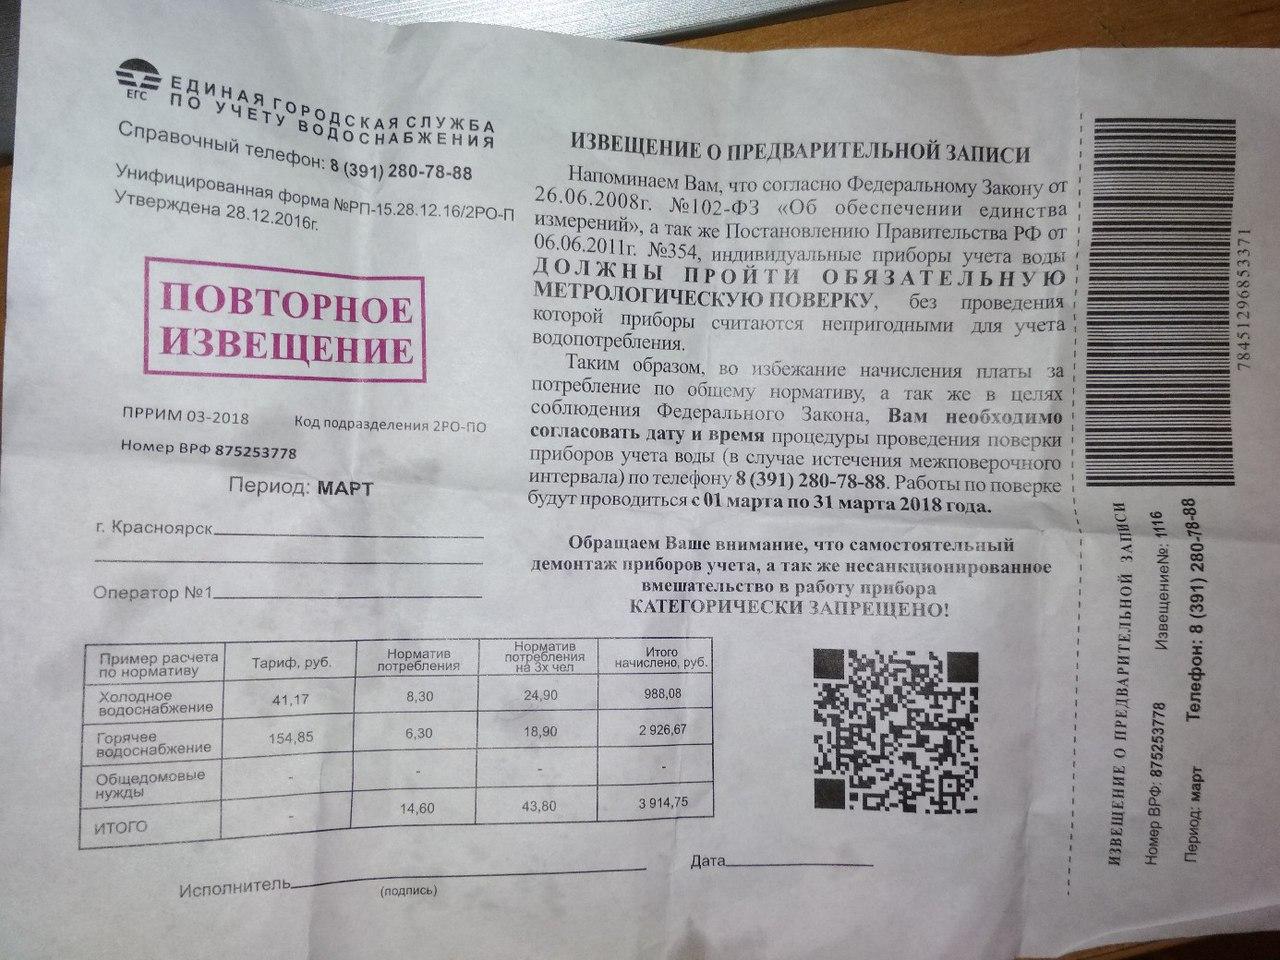 Красноярцы вновь получили фиктивные извещения от некой «Единой городской службы по учету водоснабжения» с требованием срочно провести коллективную поверку счетчиков воды.